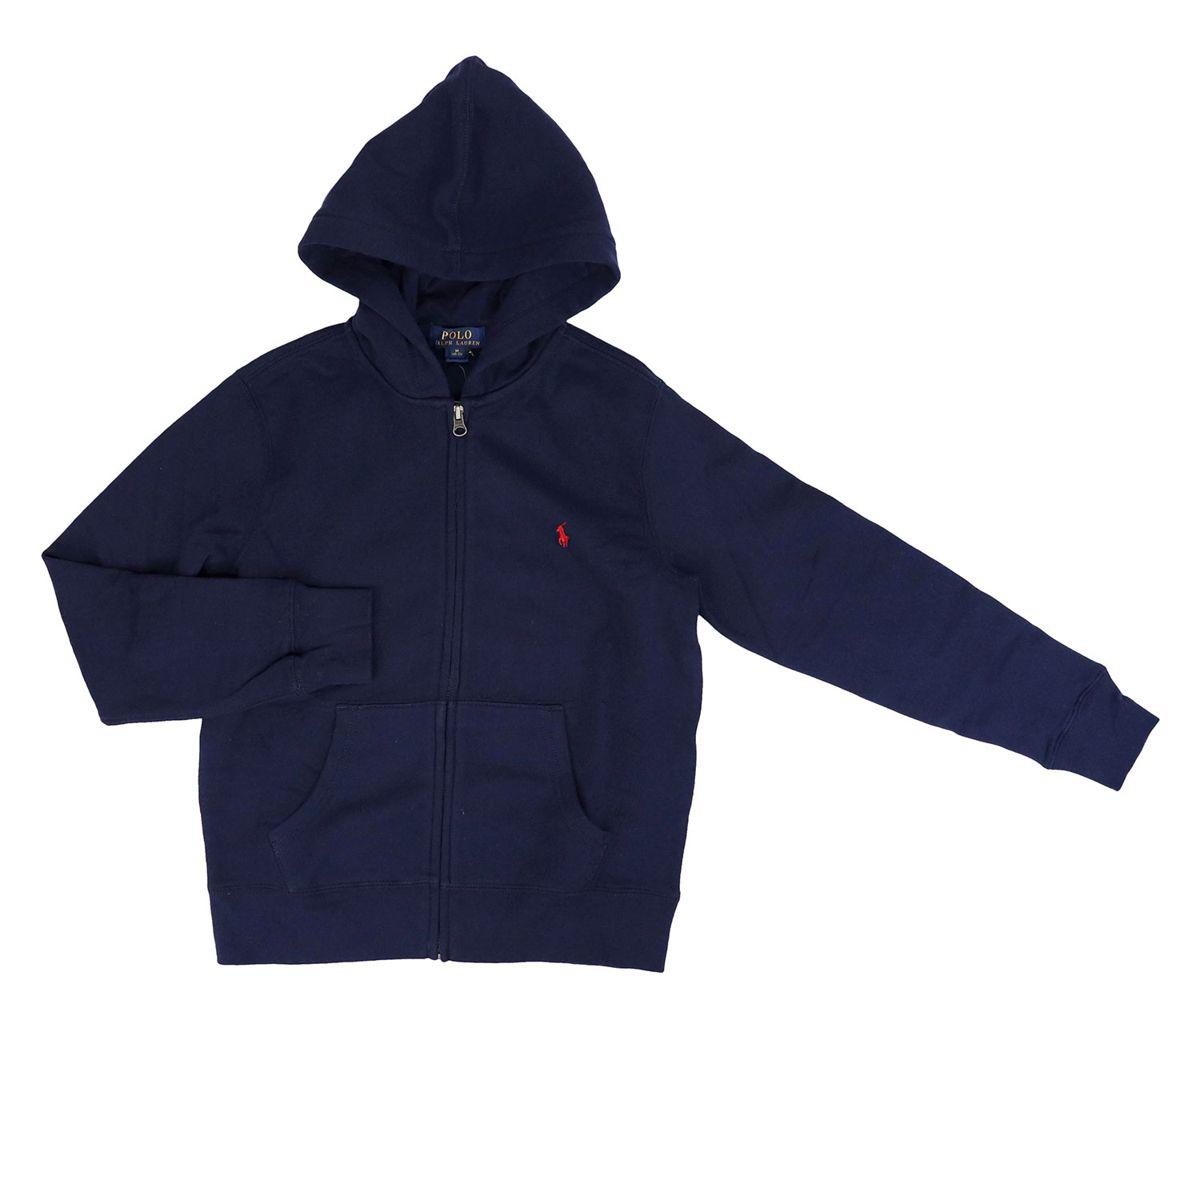 Cotton sweatshirt with zip and hood Blue Polo Ralph Lauren